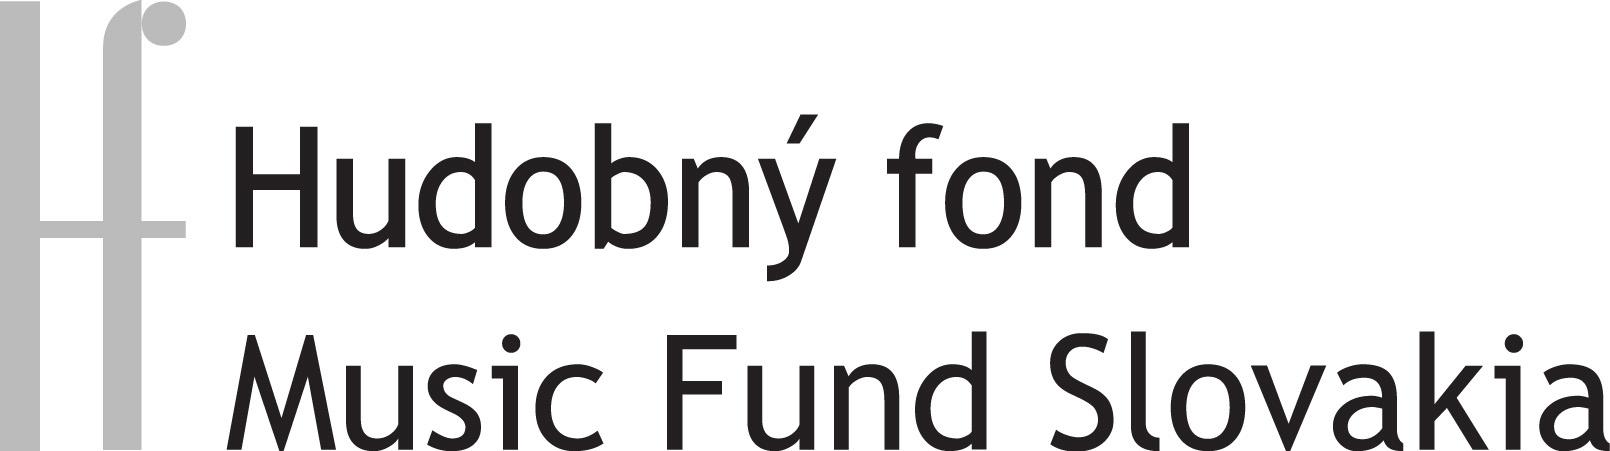 Hudobný fond